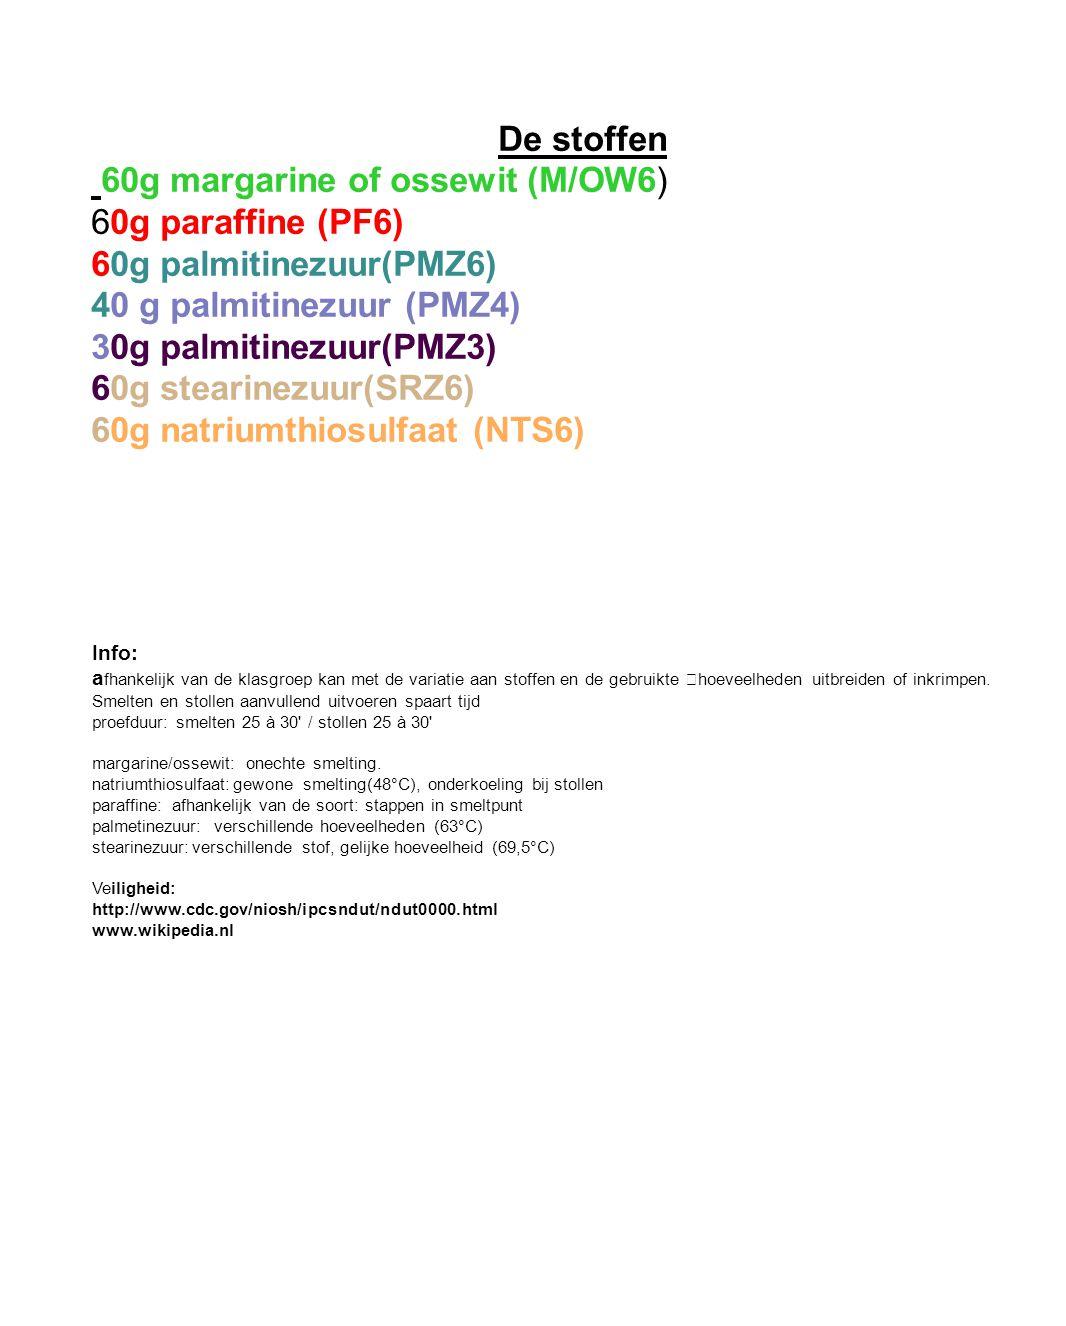 60g margarine of ossewit (M/OW6) 60g paraffine (PF6)